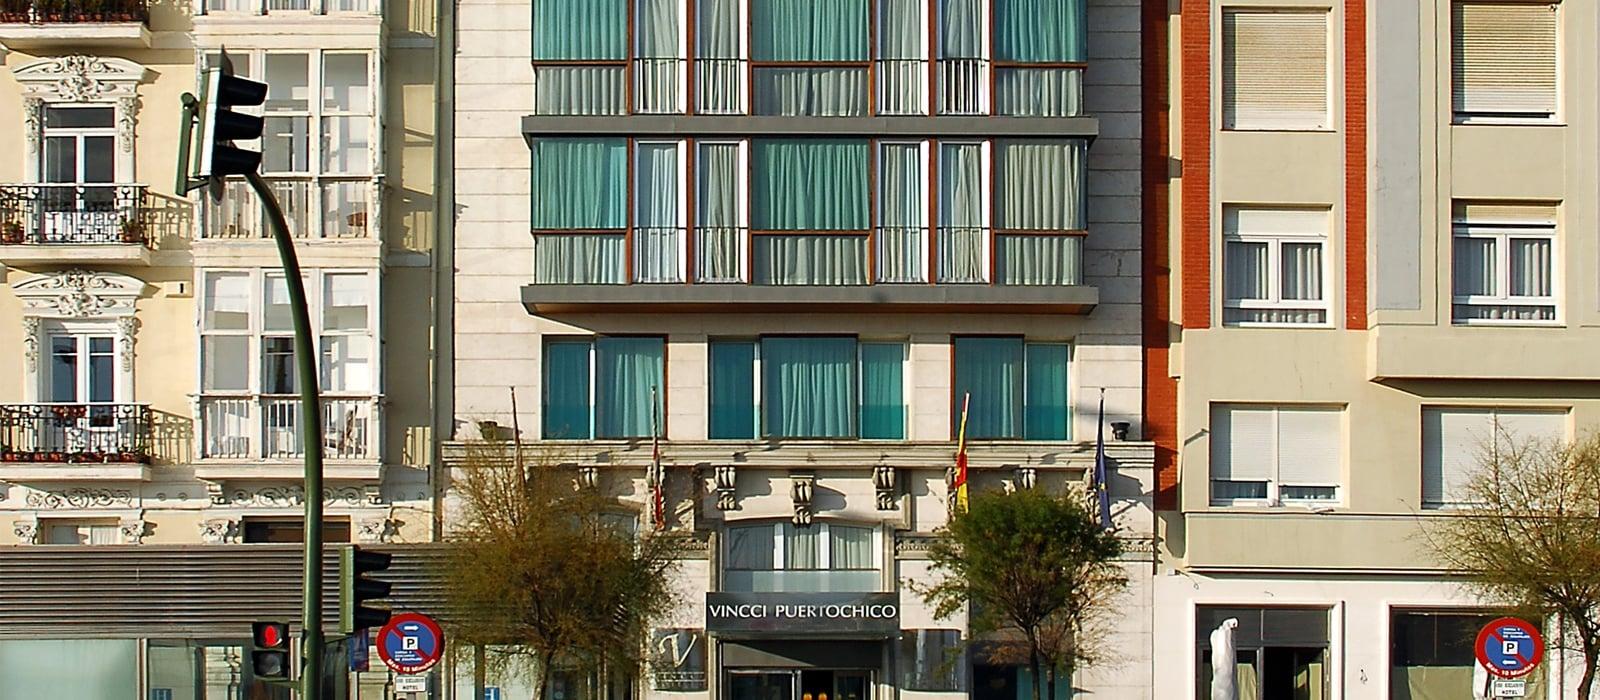 facciata-Hotel Santander Puertochico - Vincci Hoteles